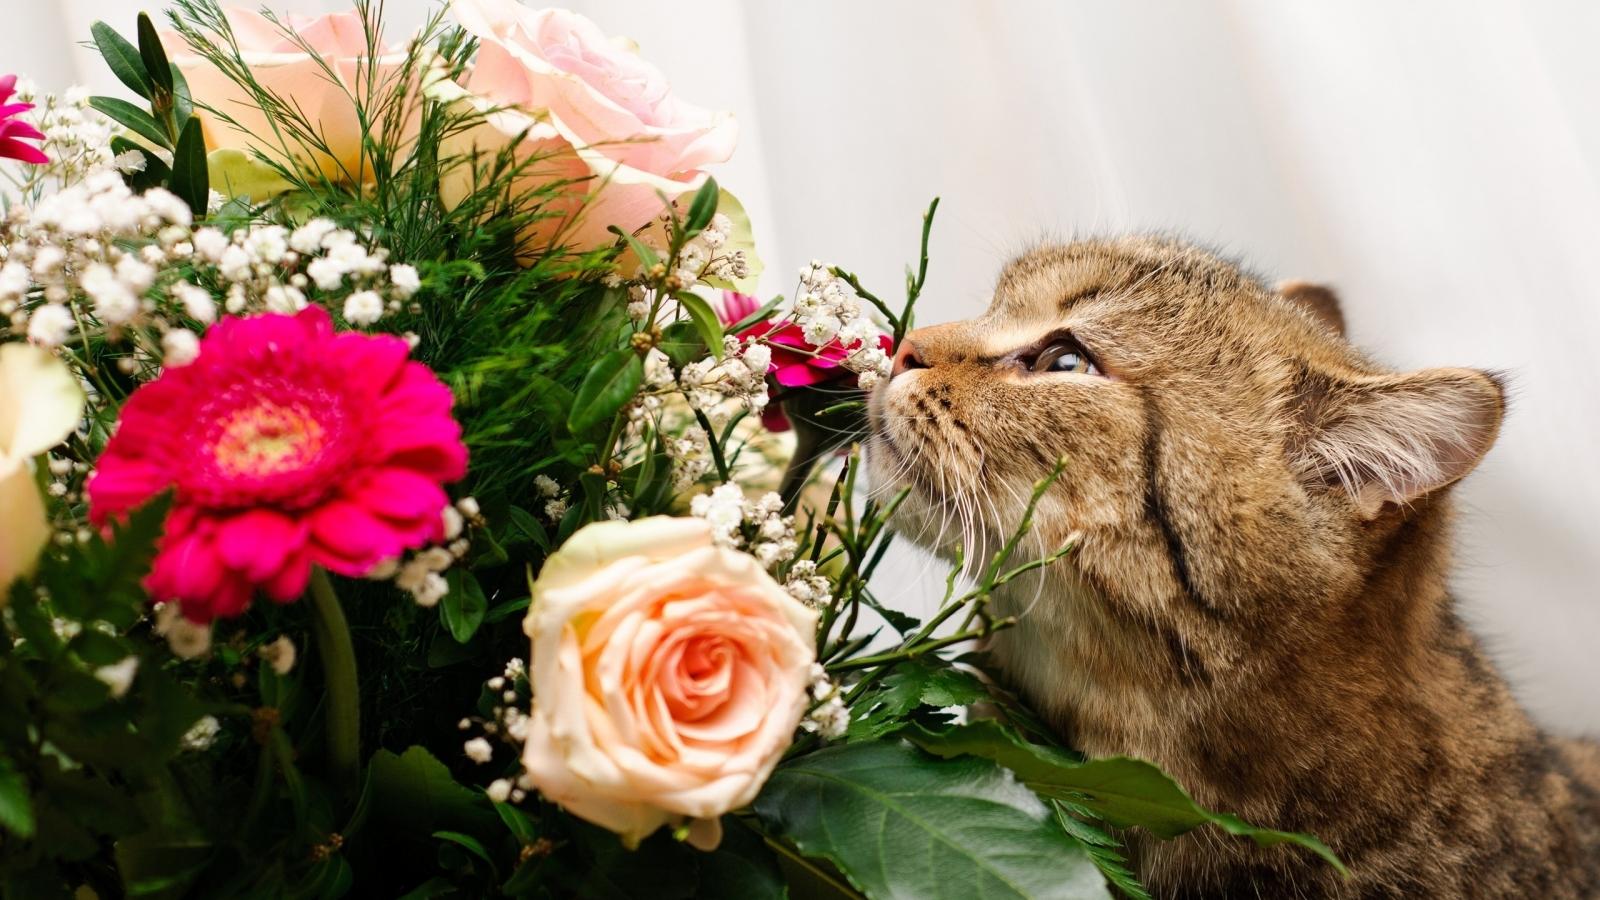 Un gato y rosas - 1600x900